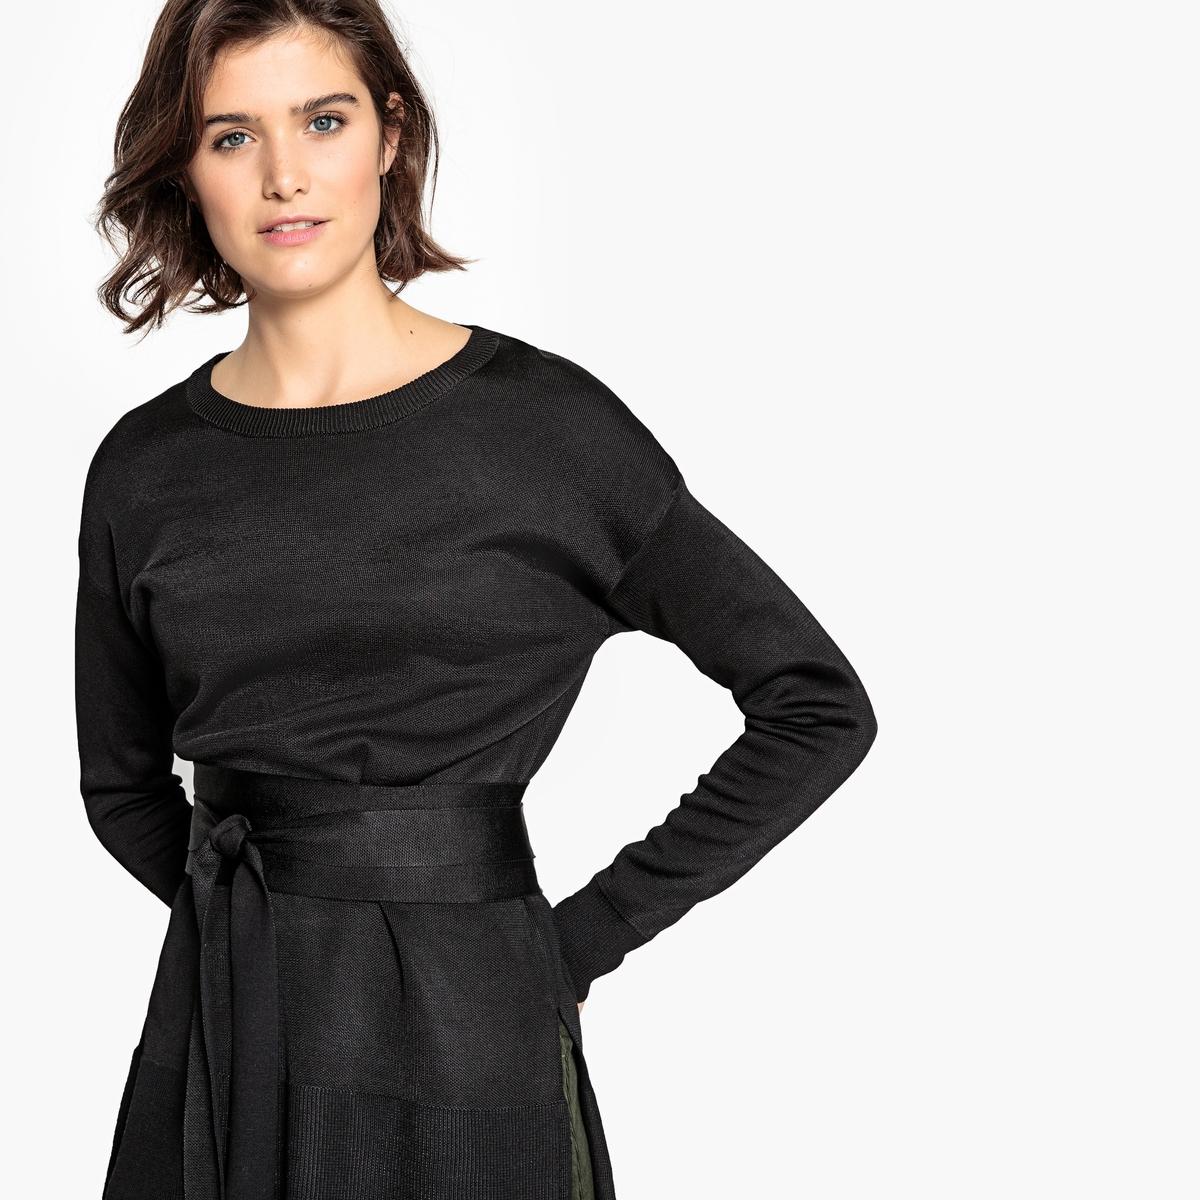 Пуловер La Redoute С круглым вырезом и поясом S черный пуловер la redoute с круглым вырезом в полоску из плотного трикотажа s красный